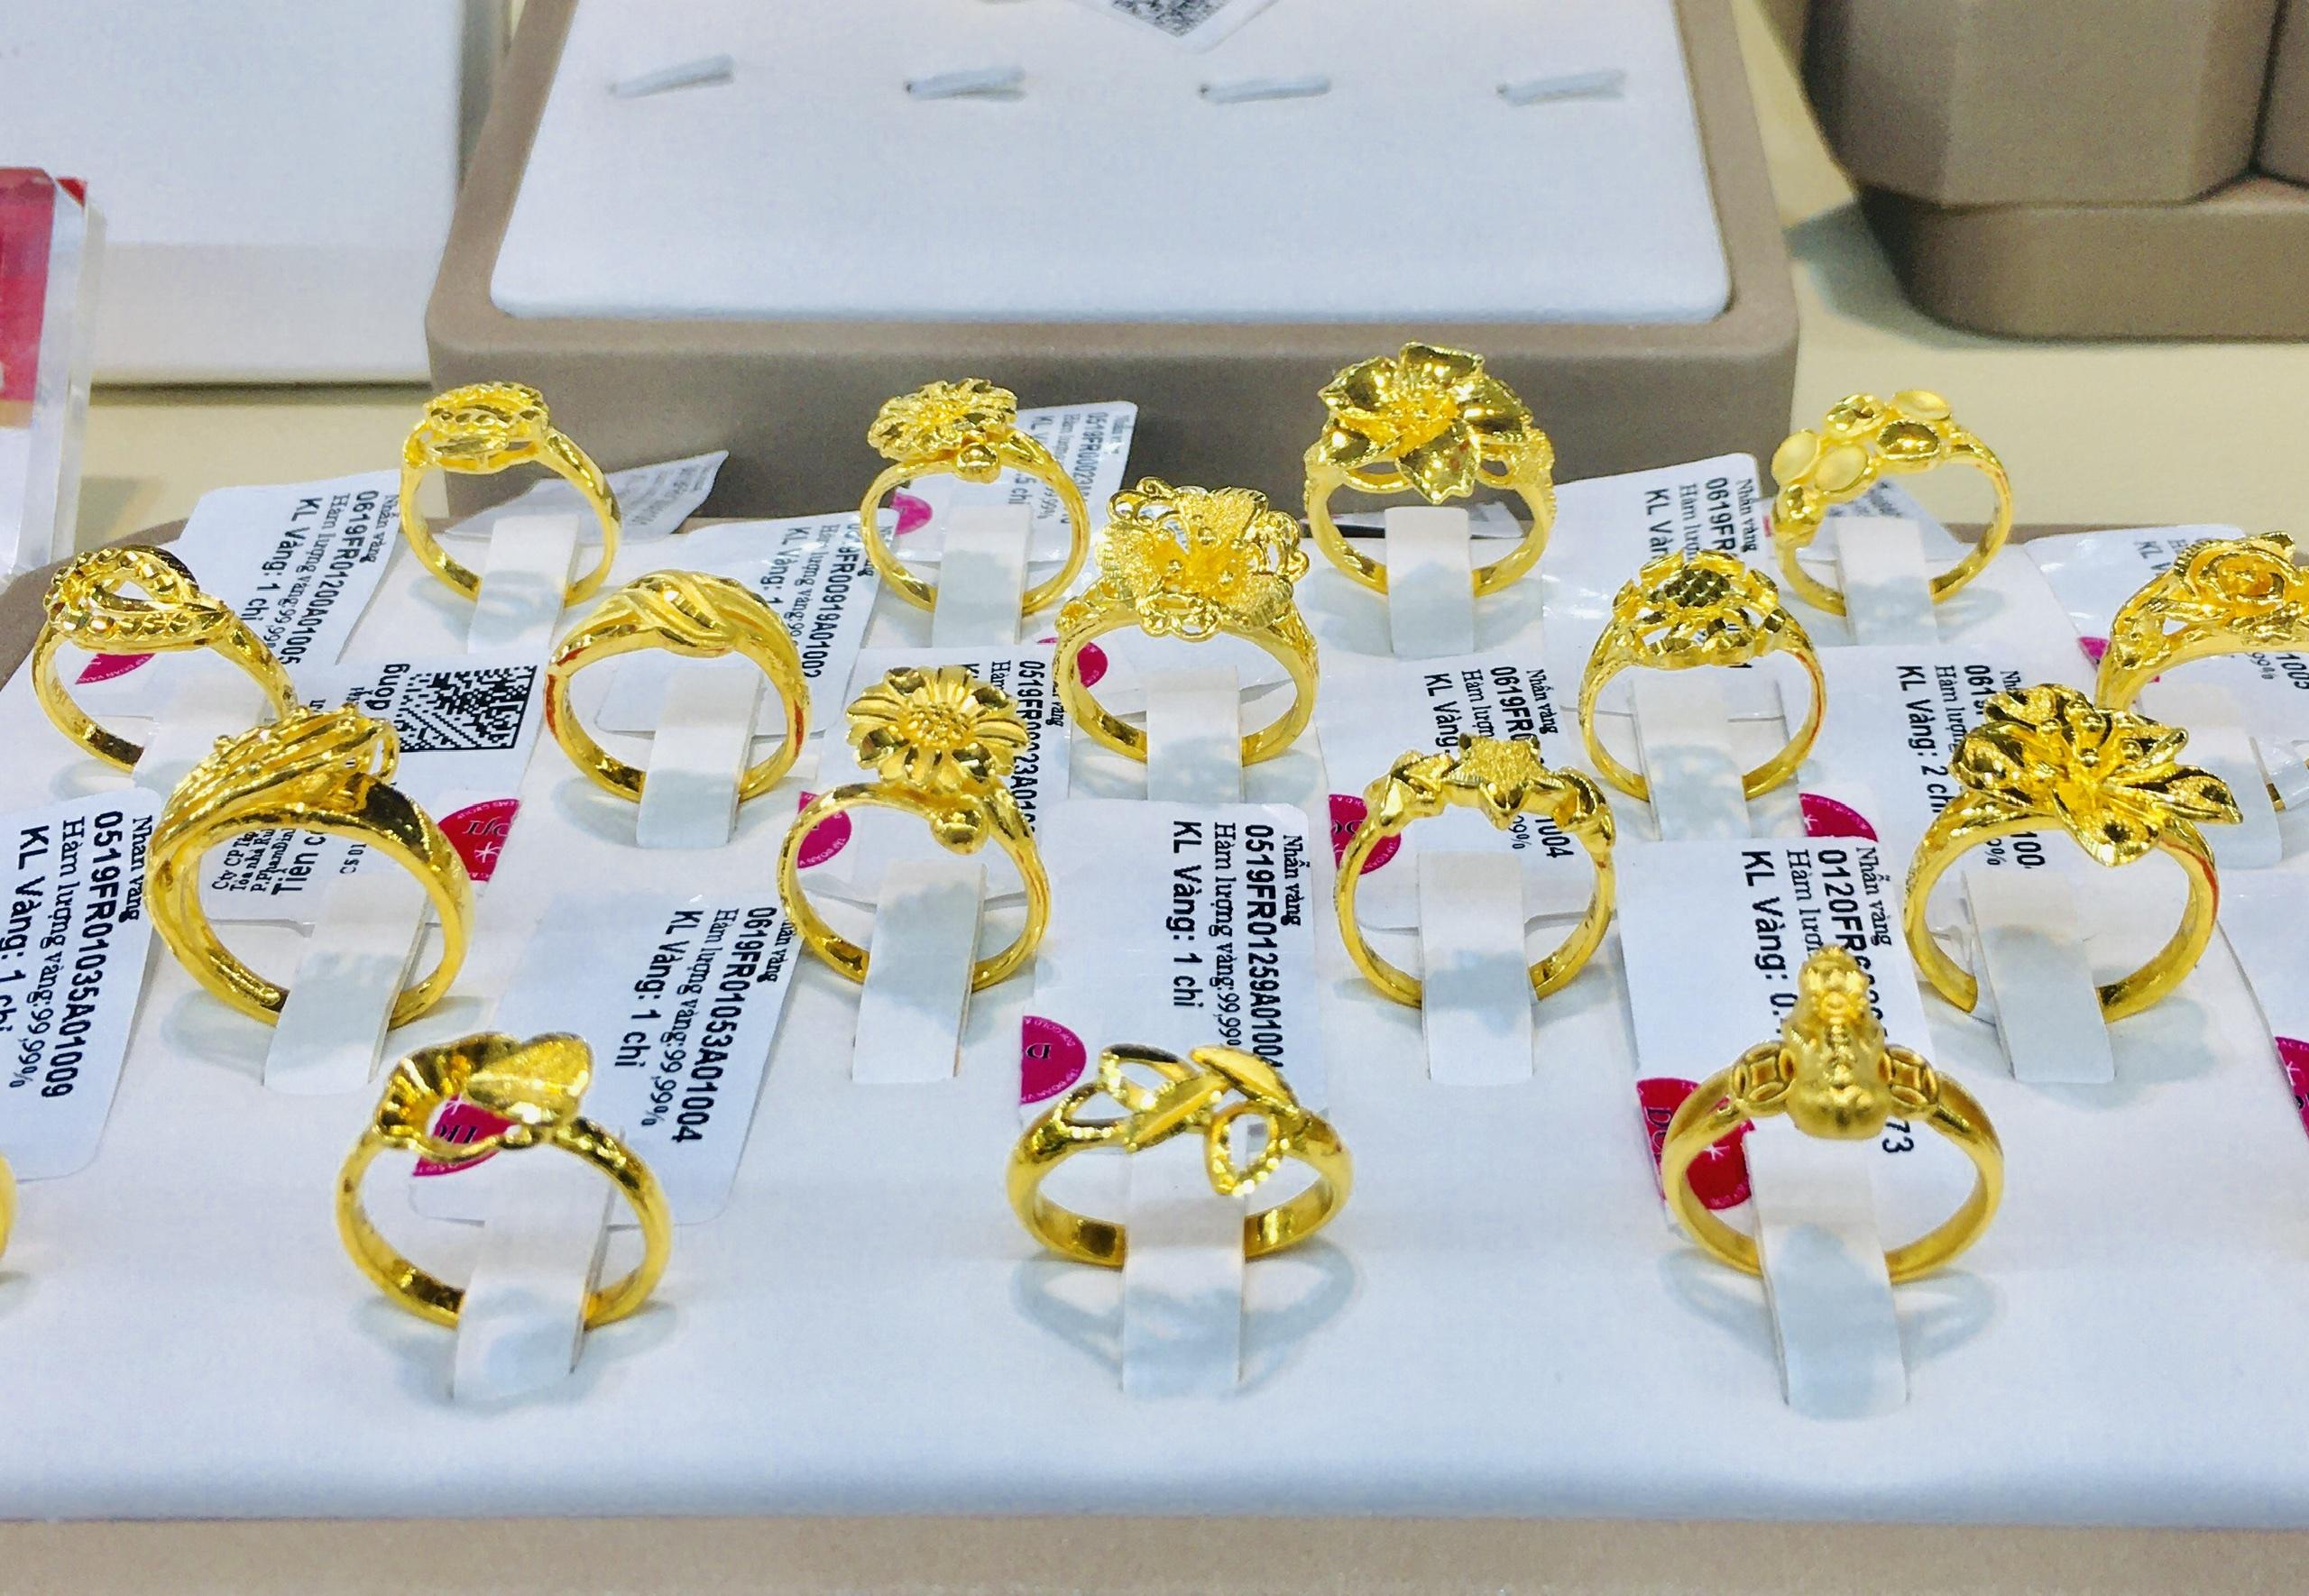 Giá vàng tụt dốc không phanh, về mức 55 triệu đồng/lượng - Ảnh 1.